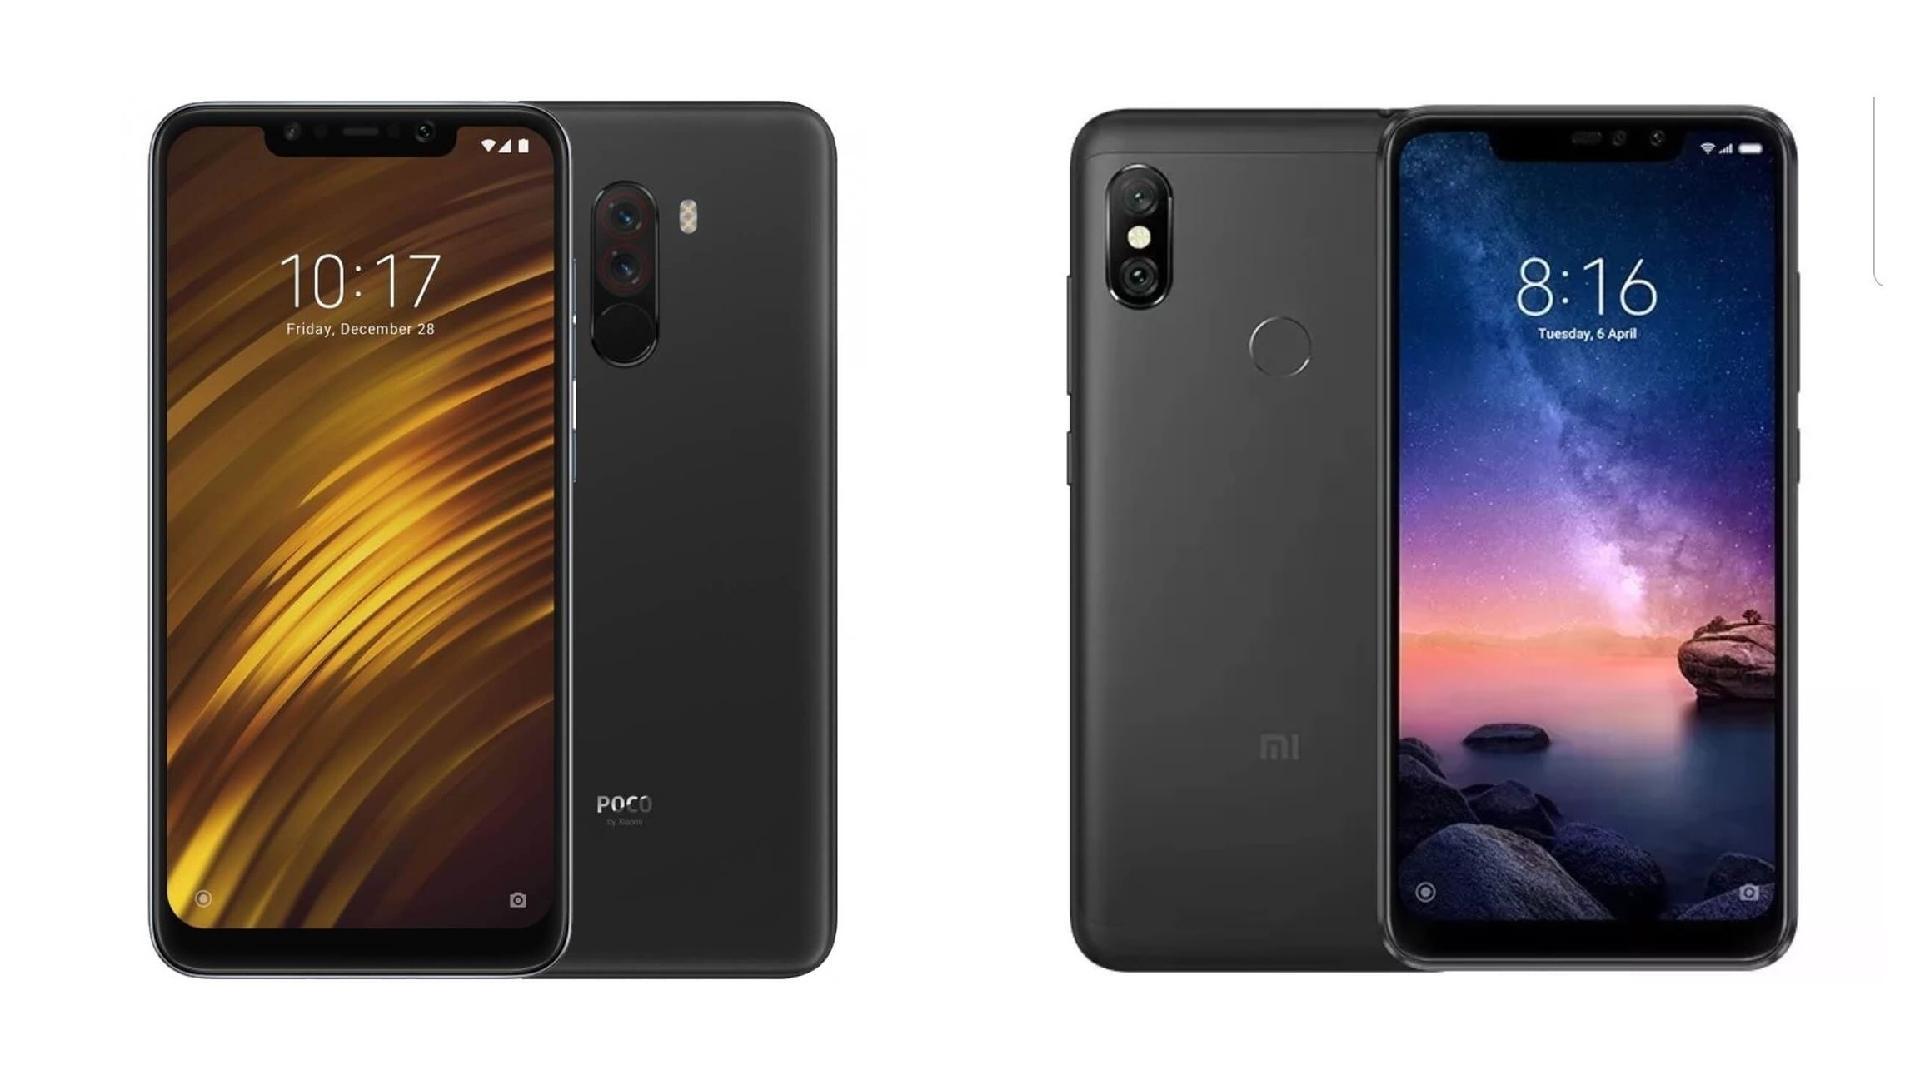 dc11c2b4b Ficou mais fácil comprar celulares Xiaomi em loja física no Brasil  entenda  - 20 02 2019 - UOL Tecnologia